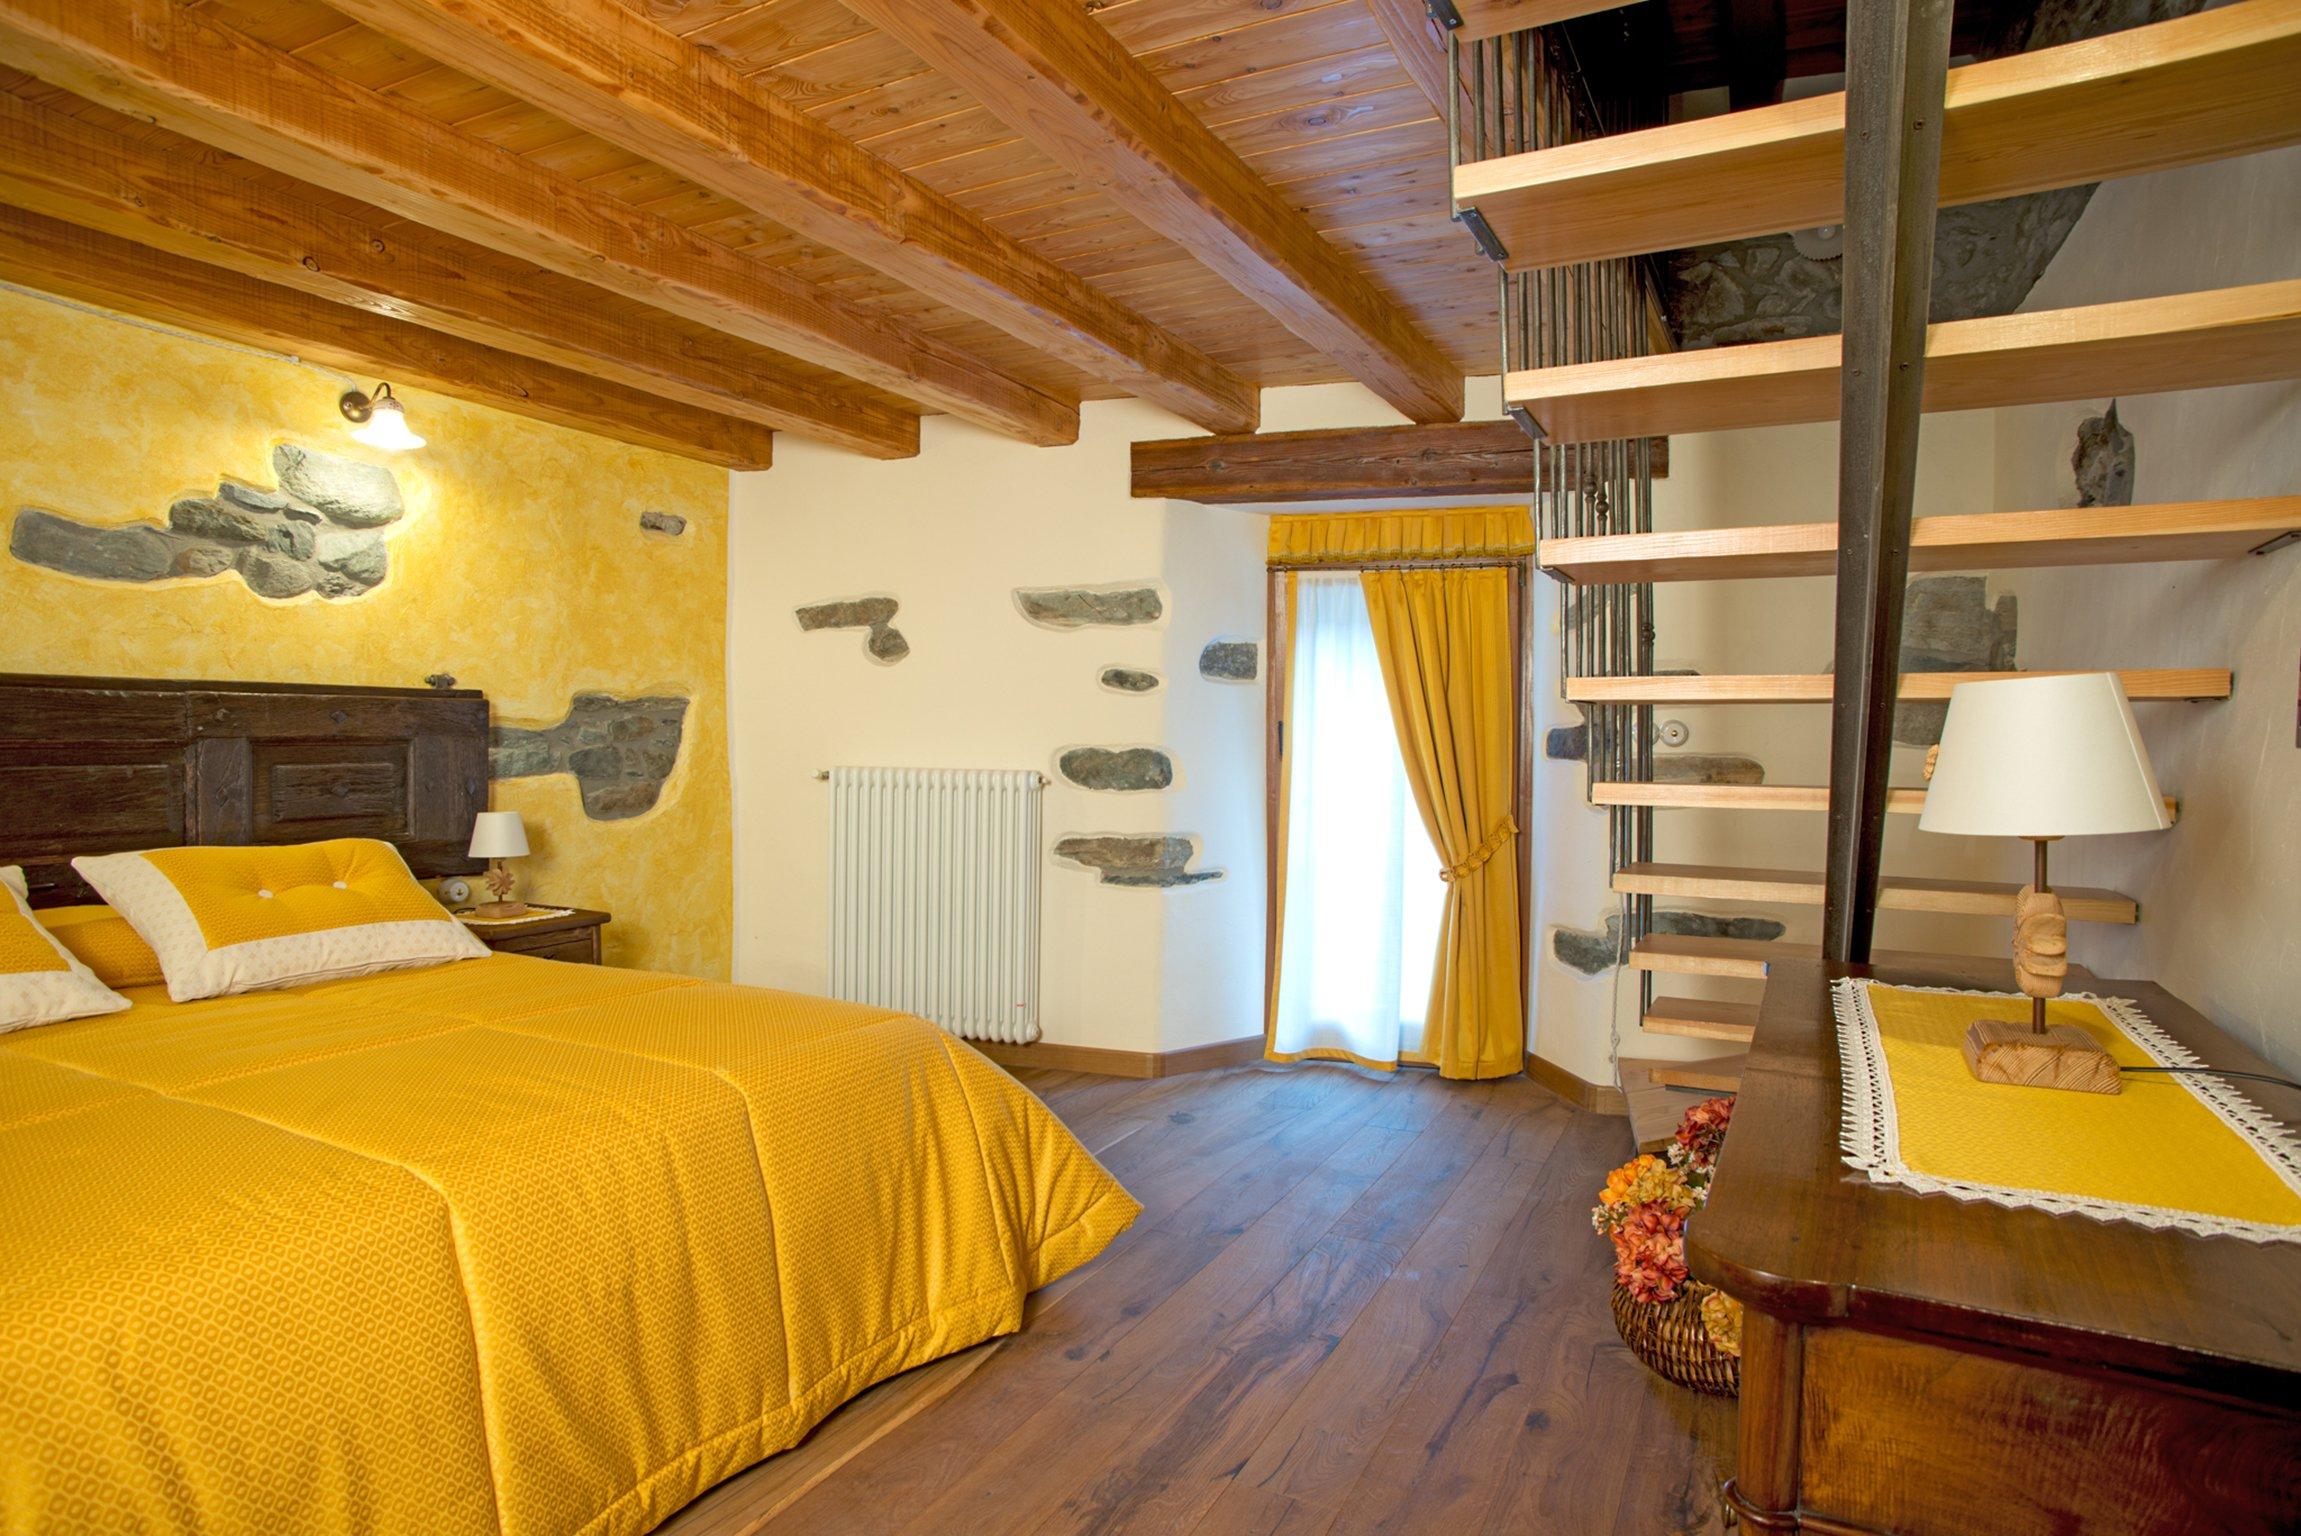 camera con tende e copriletto giallo